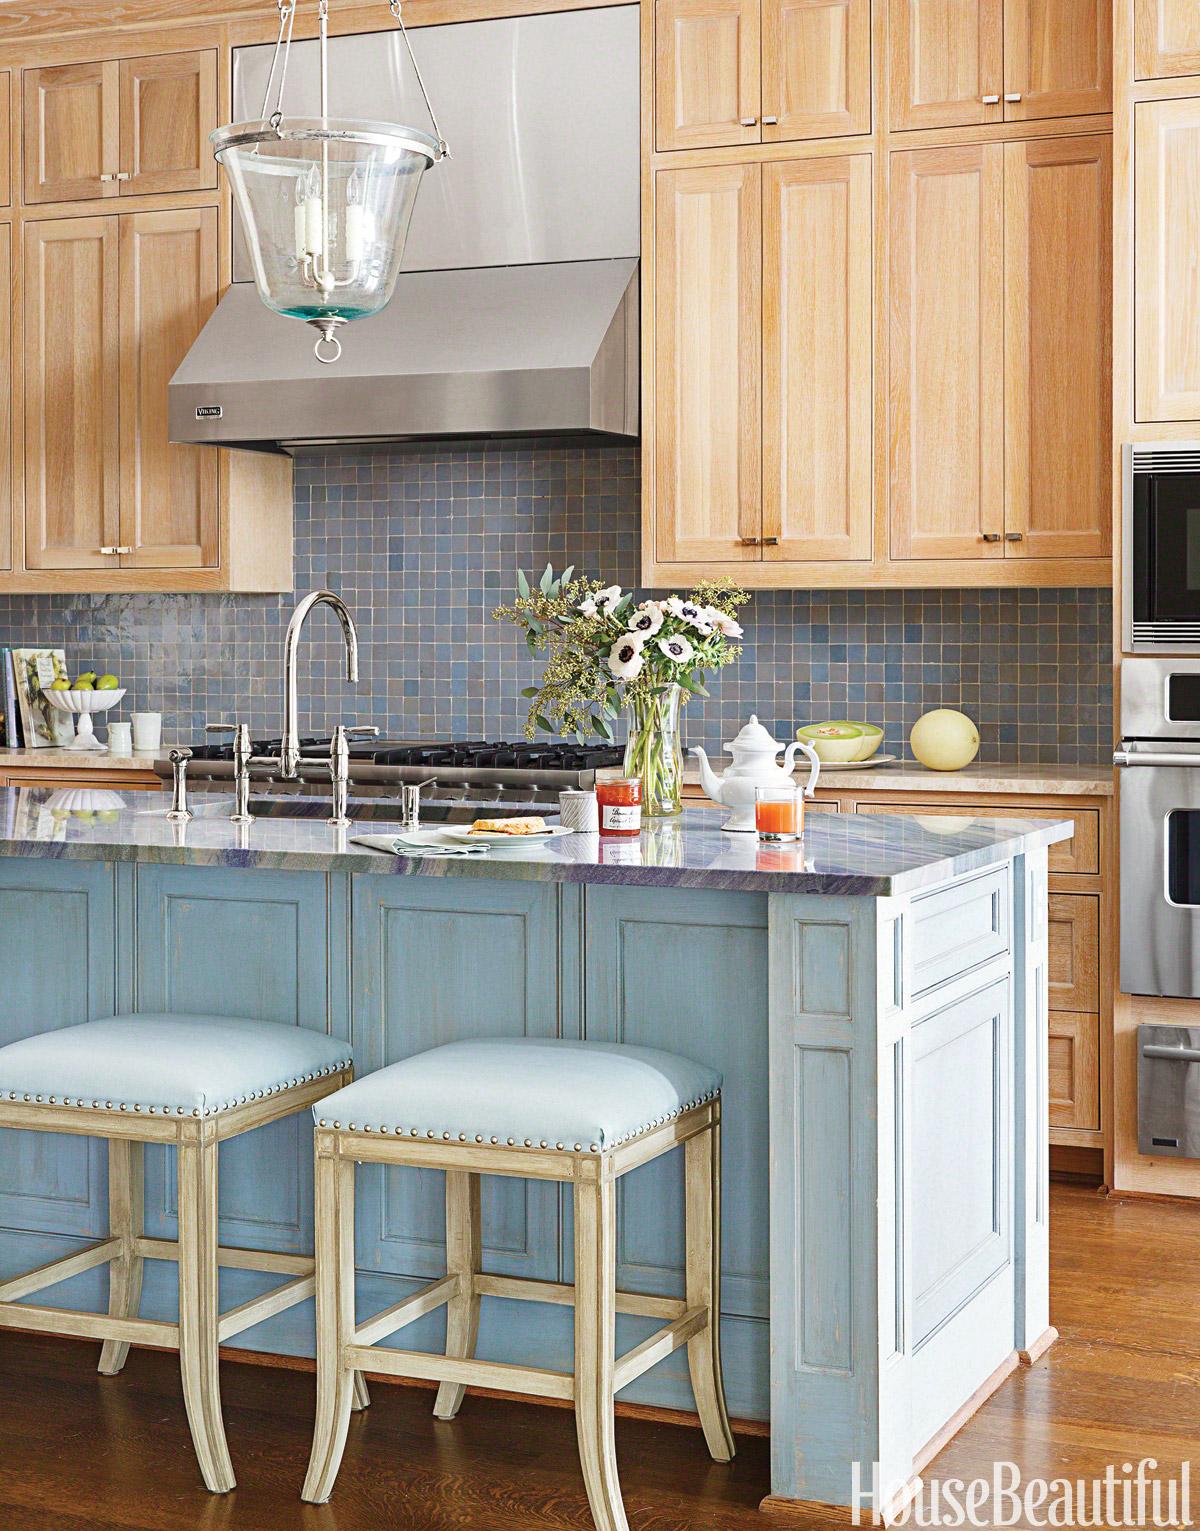 kitchen tile ideas 53 best kitchen backsplash ideas - tile designs for kitchen backsplashes JLZZXKU